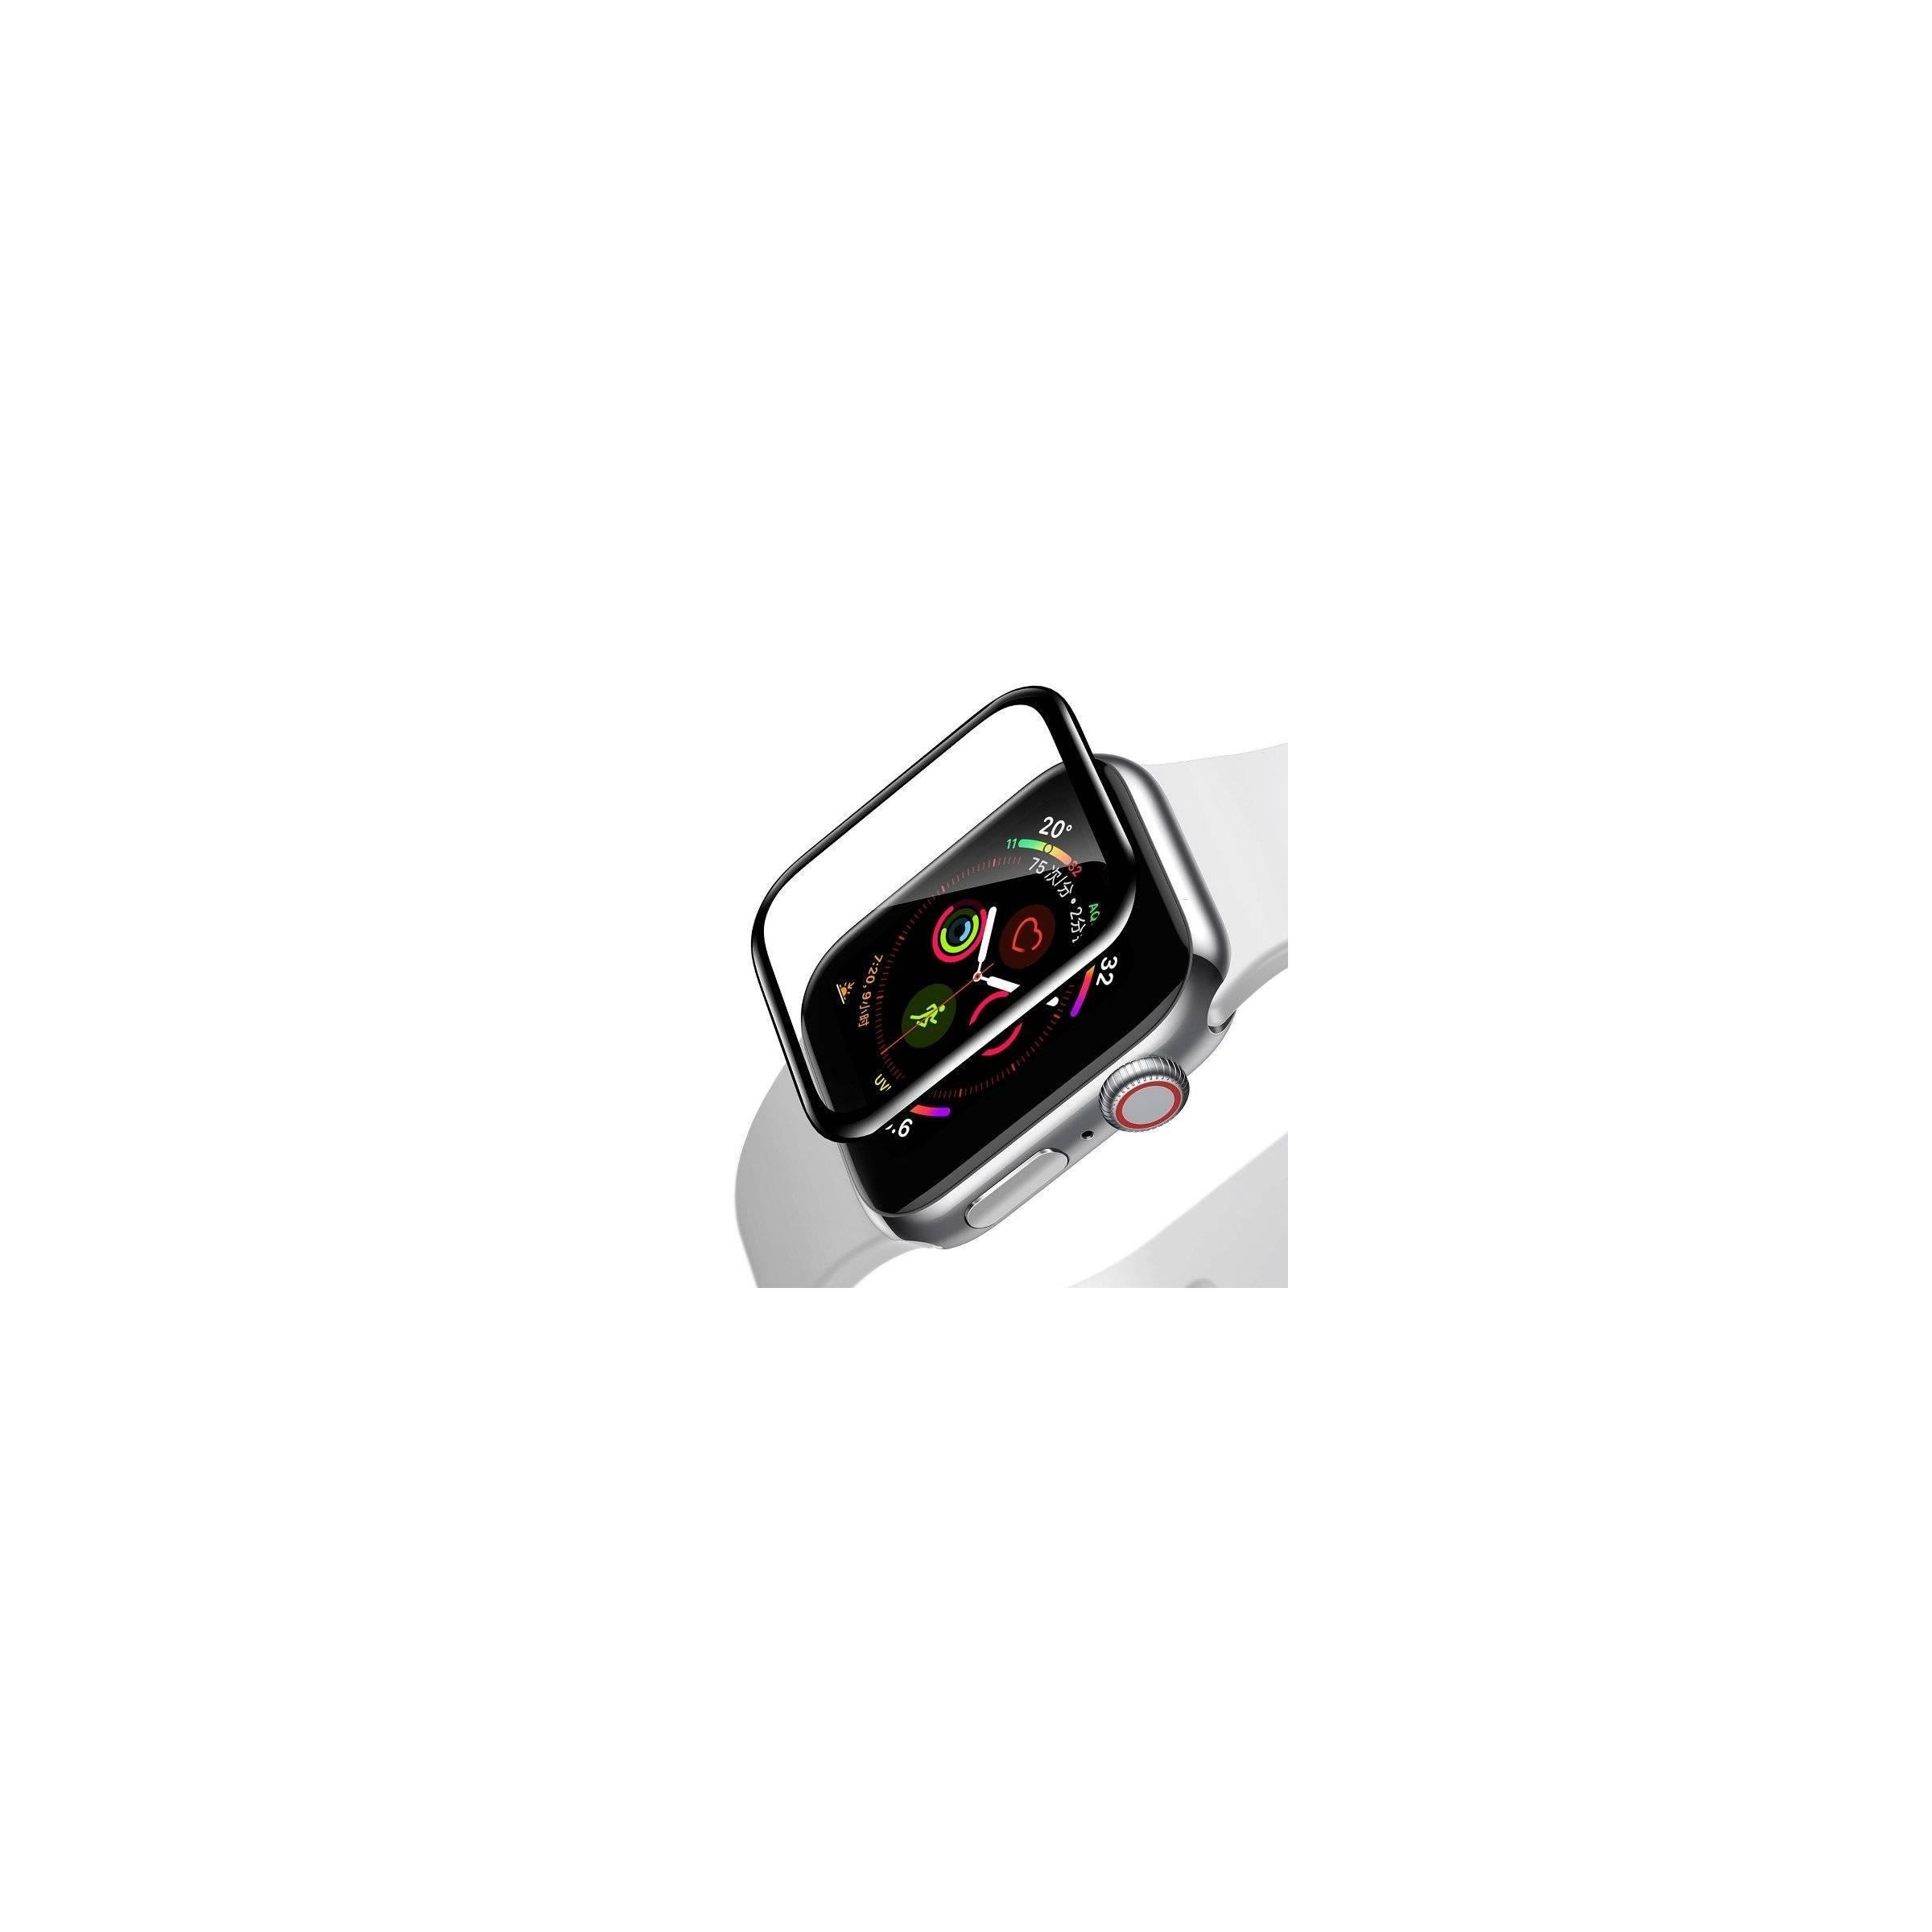 baseus – Beskyttelsesglas til apple watch 40mm watch 4/5 fra baseus fra mackabler.dk